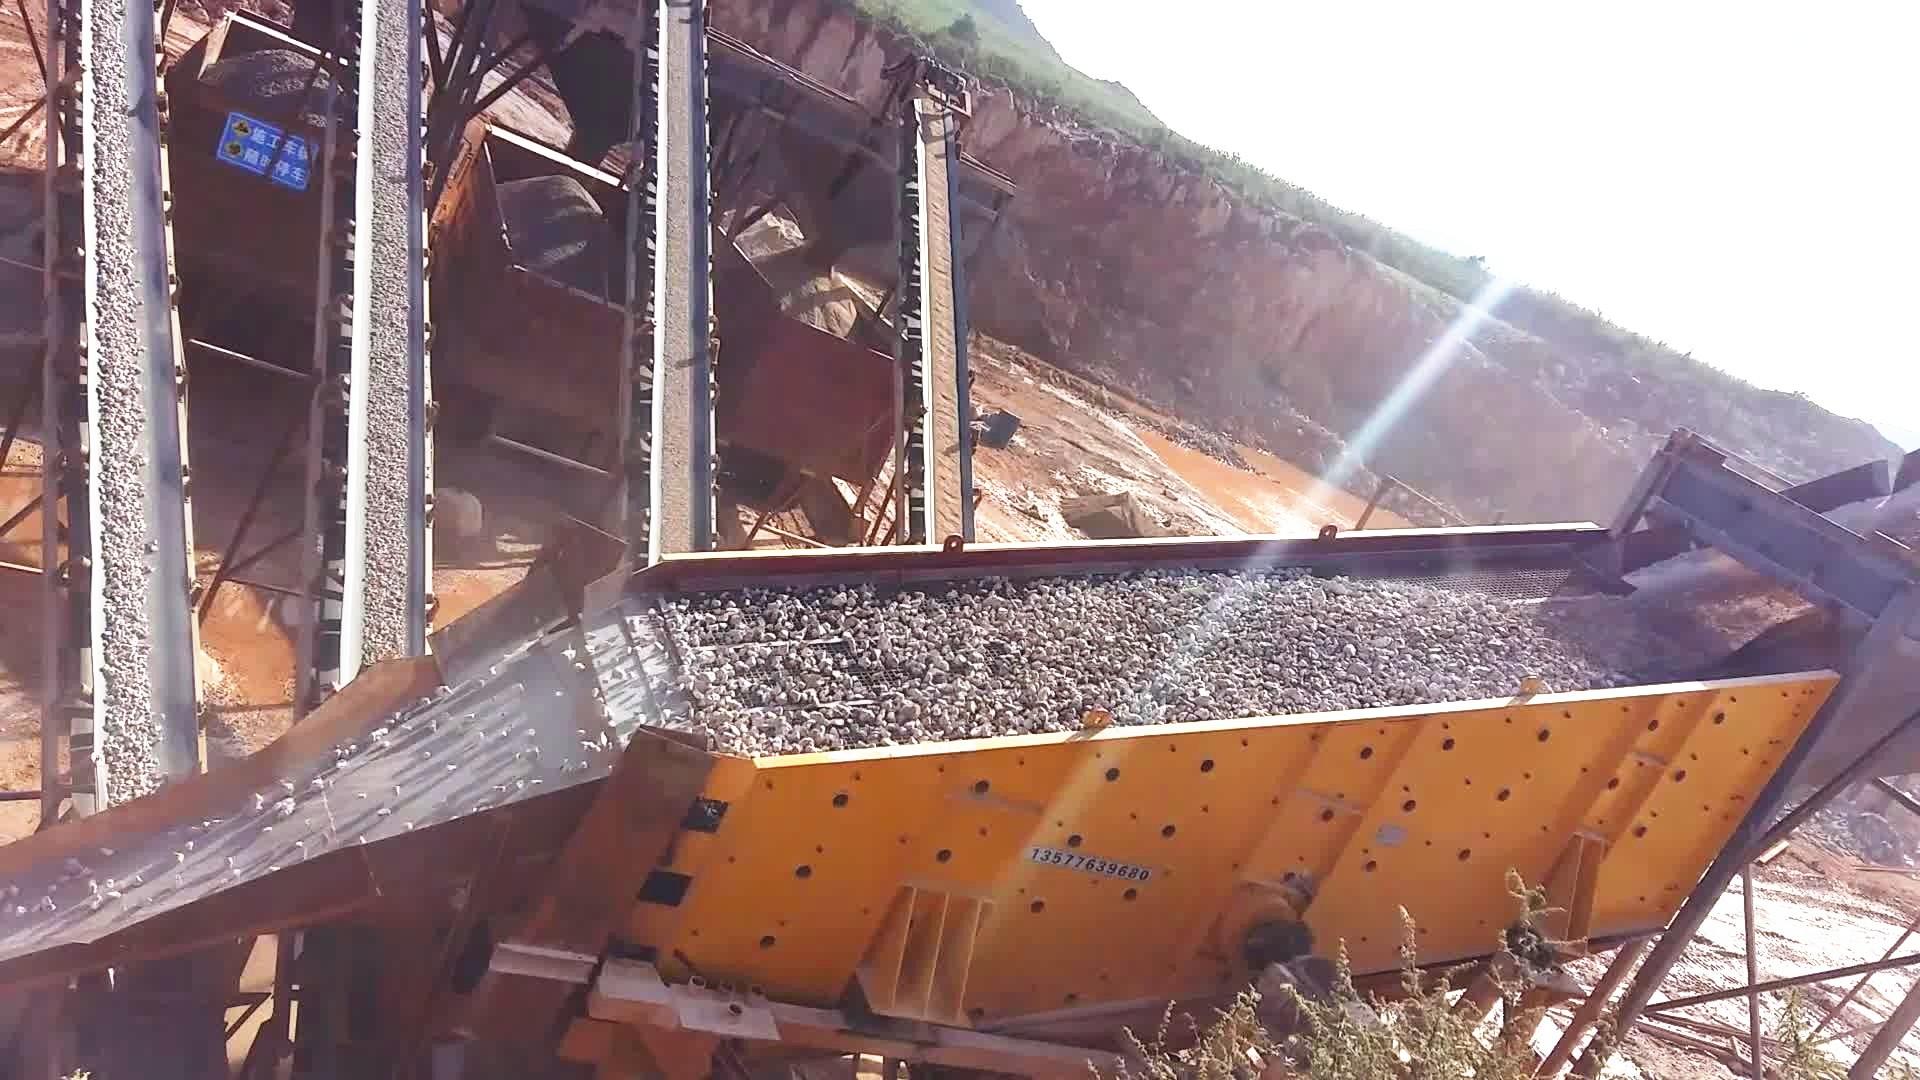 云南陆良日产3000吨manbetx官网电脑版石灰石生产线现场三